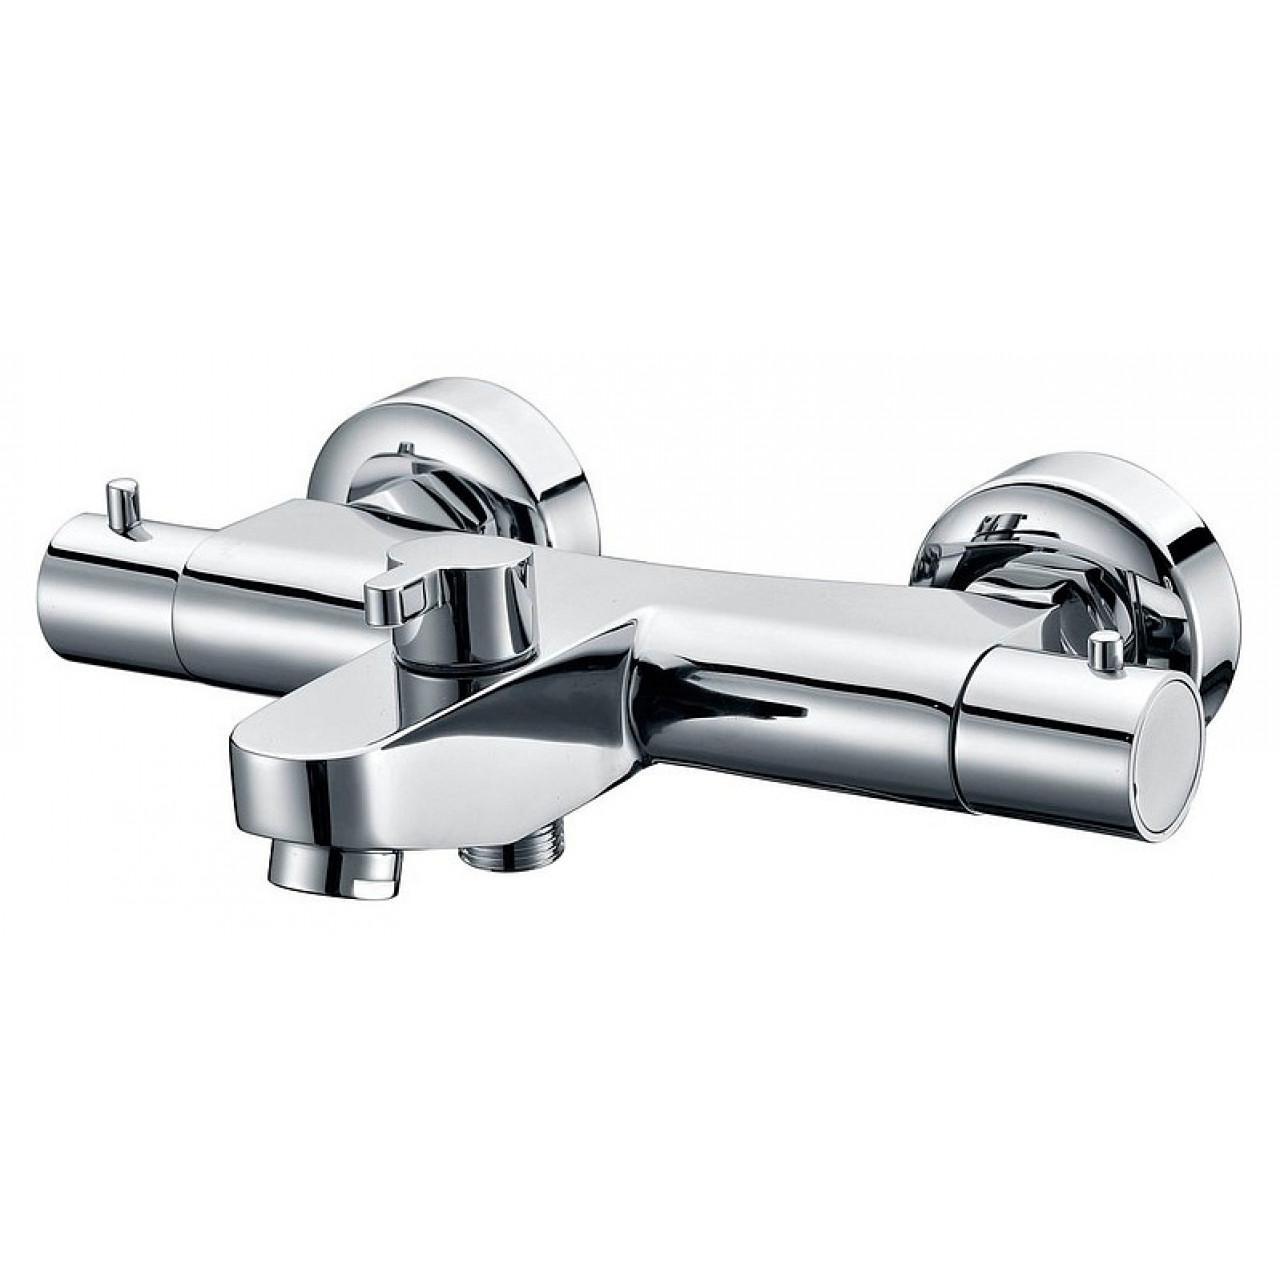 Смеситель Elghansa Termo 6700857 для ванны с душем термостатический купить в Москве по цене от 8450р. в интернет-магазине mebel-v-vannu.ru